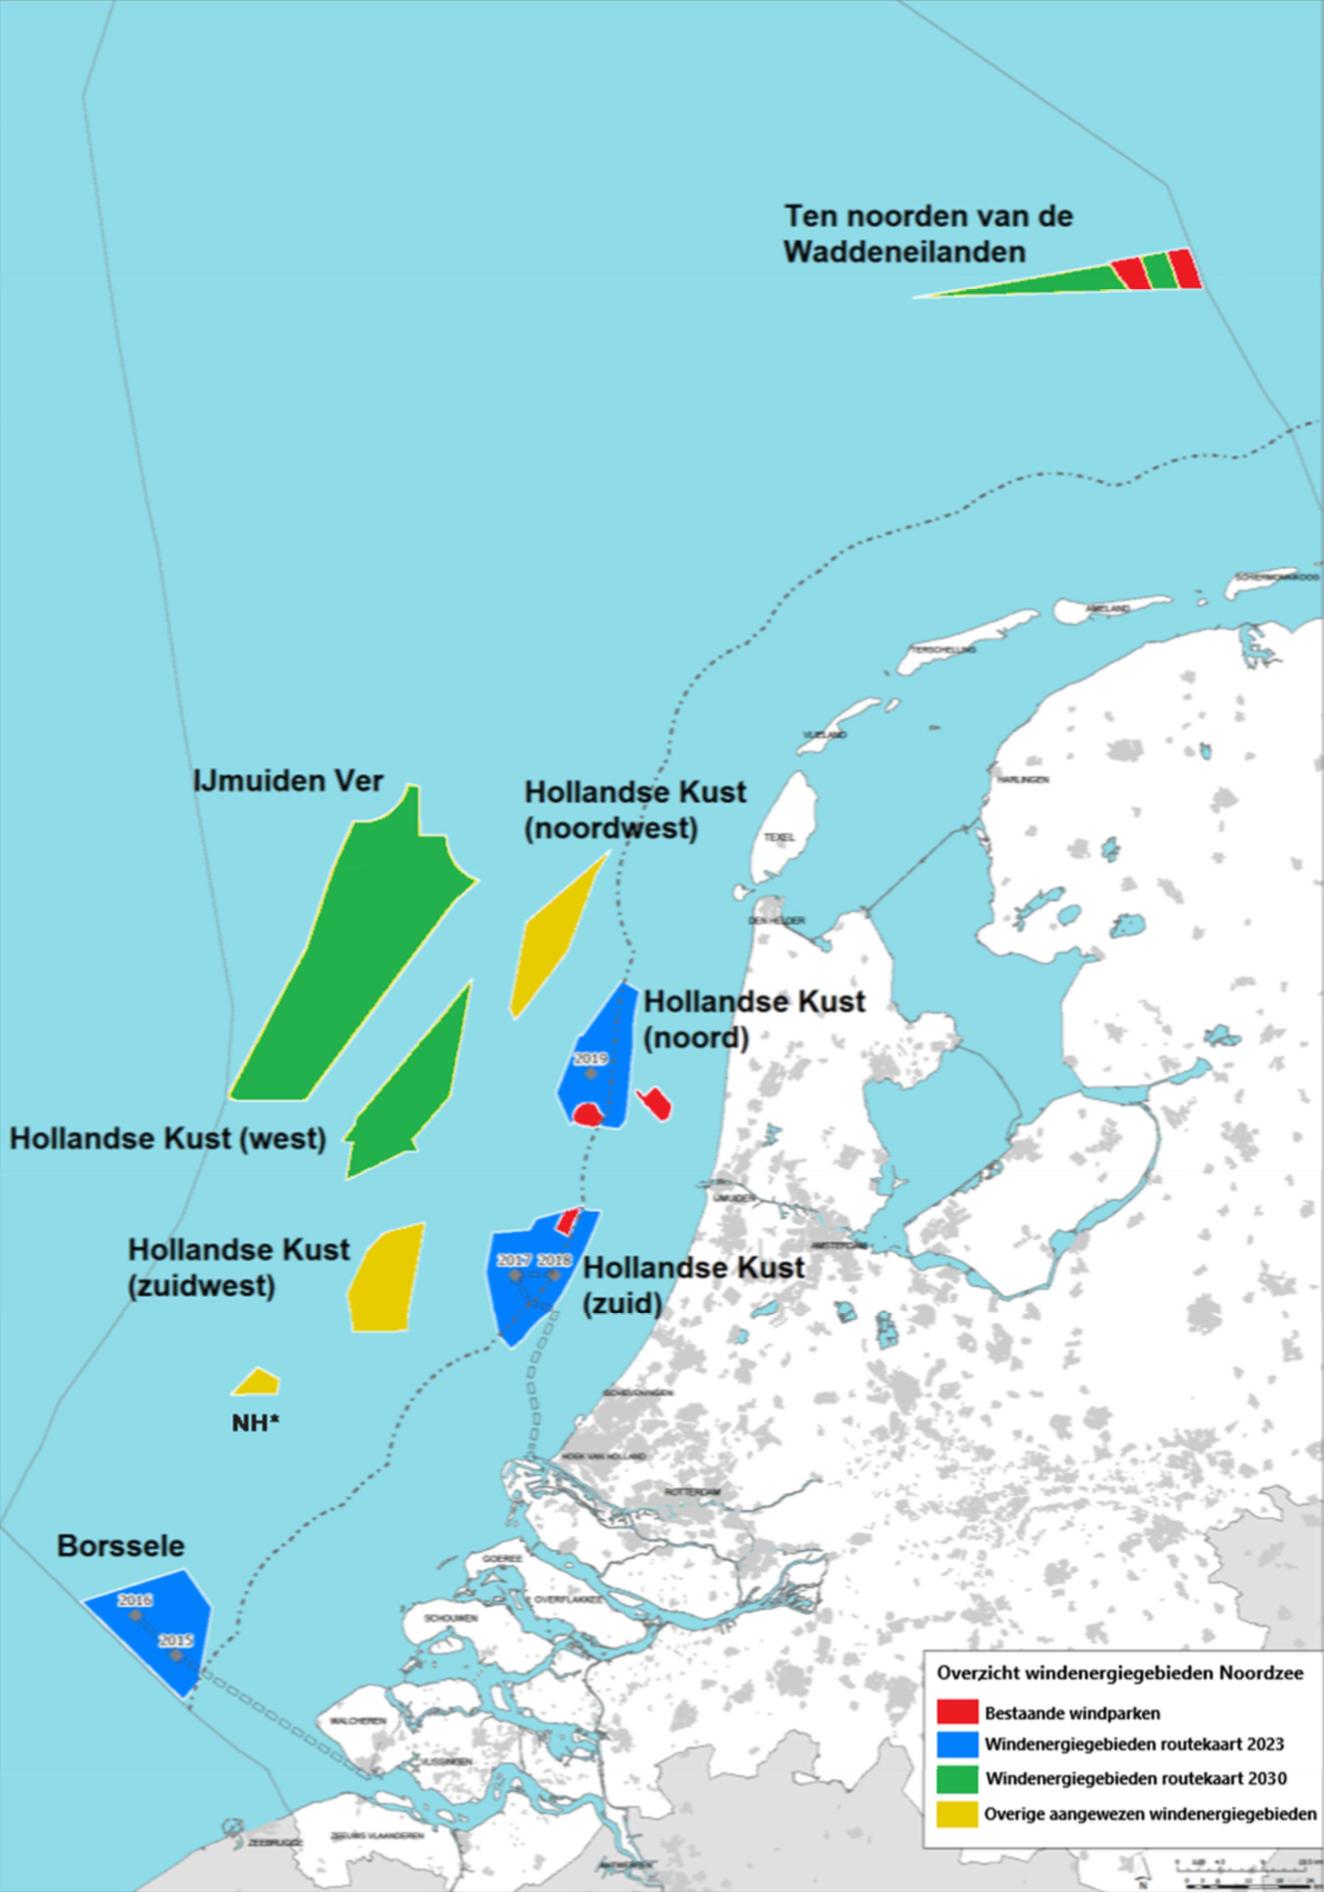 Onderweg naar IJmuiden ver: 'Routekaart windenergie op zee 2030'